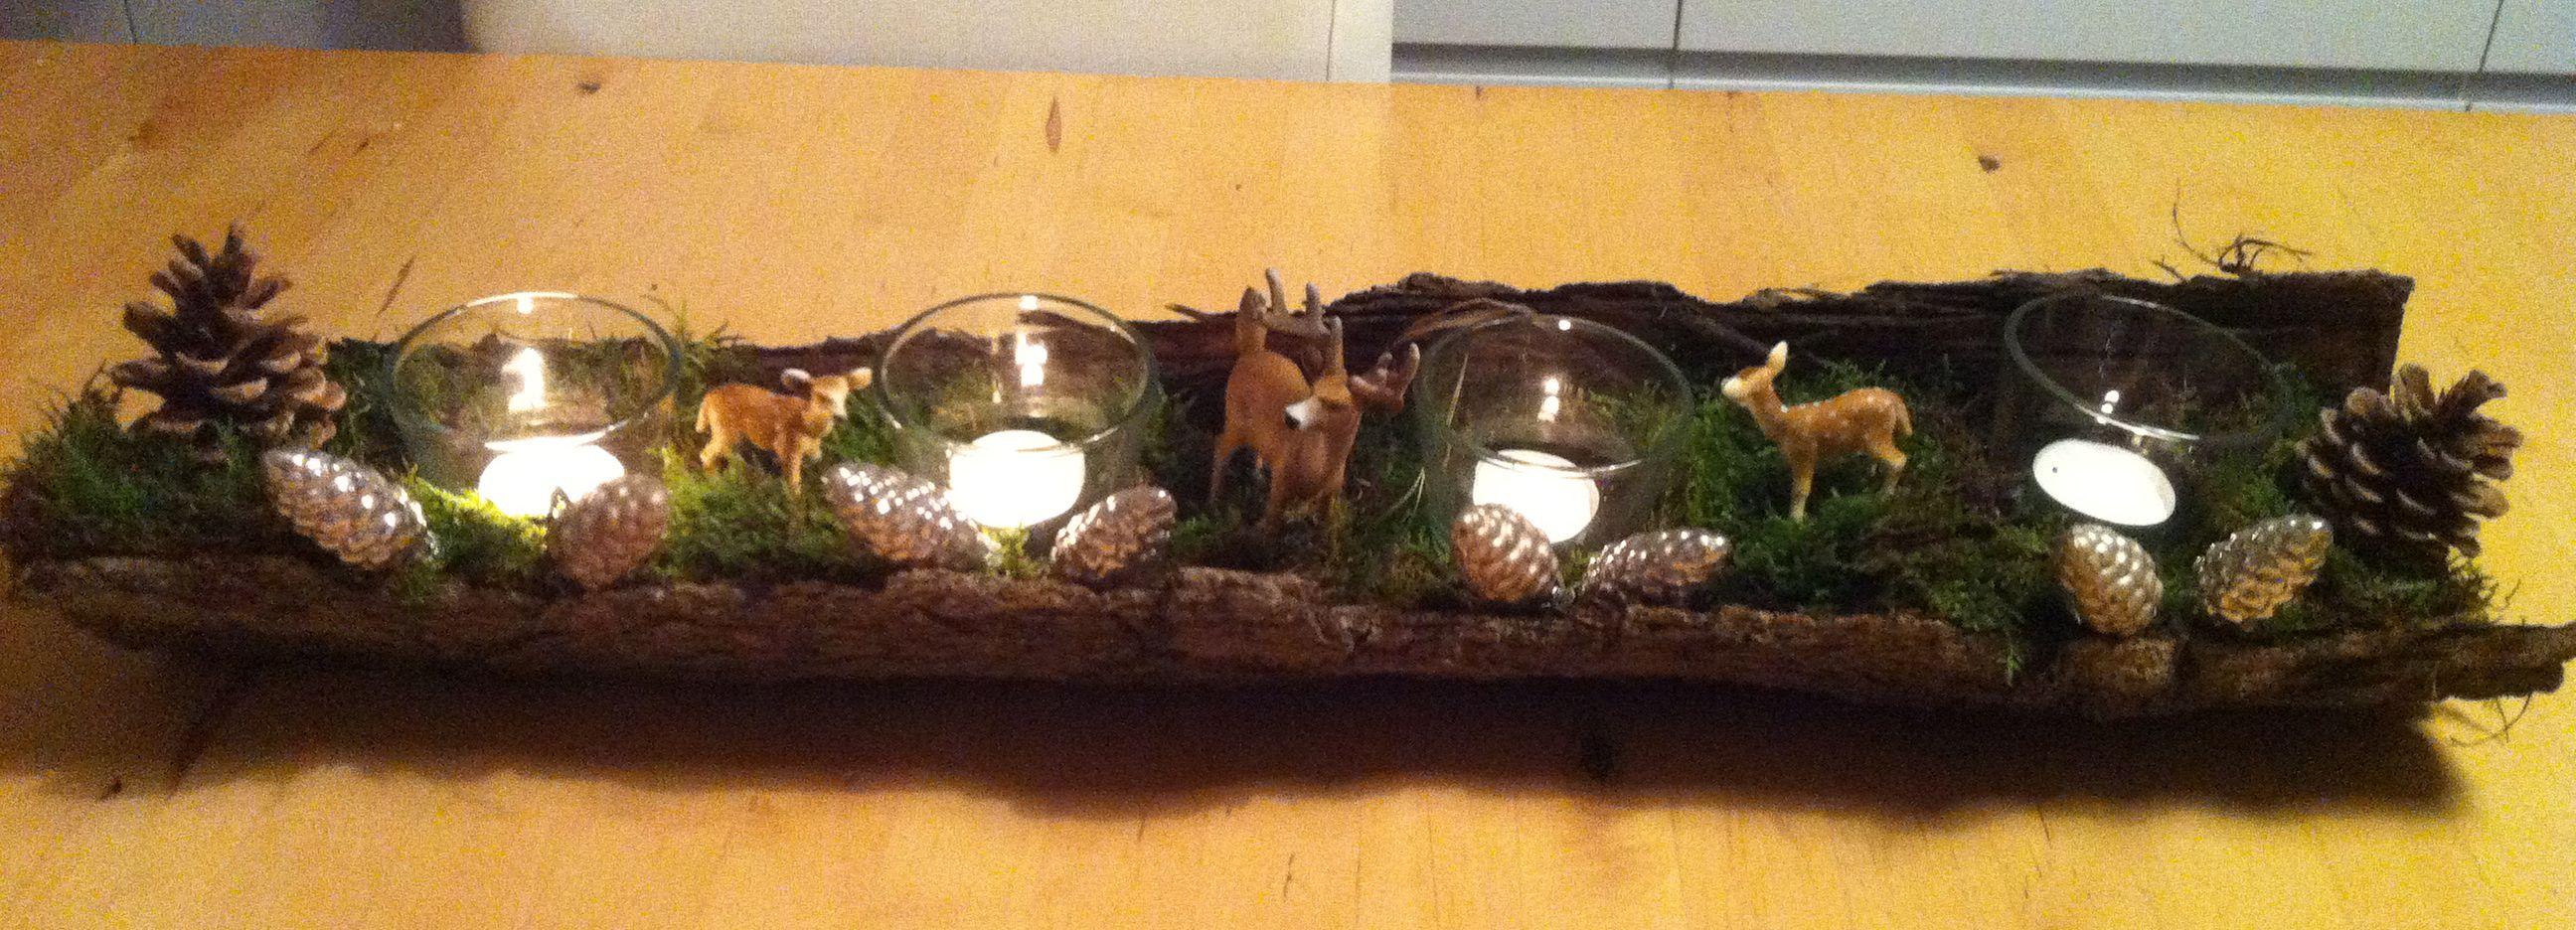 Adventskranz In Einer Baumrinde Mit Moos Bedeckt Ikea